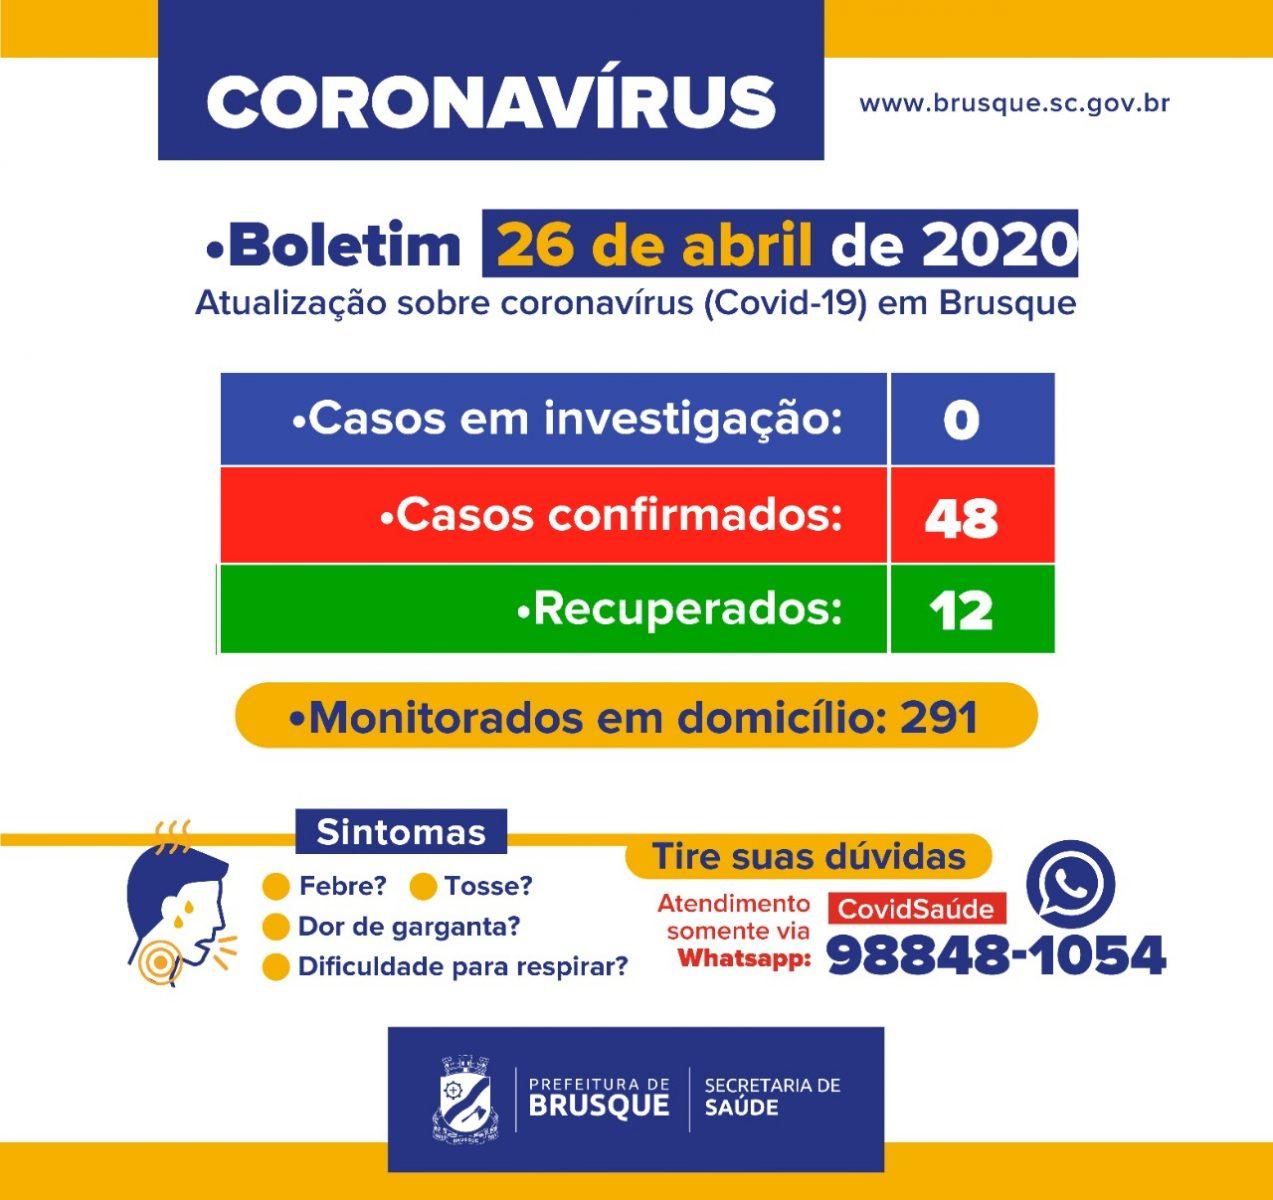 48 casos confirmados de coronavírus em Brusque